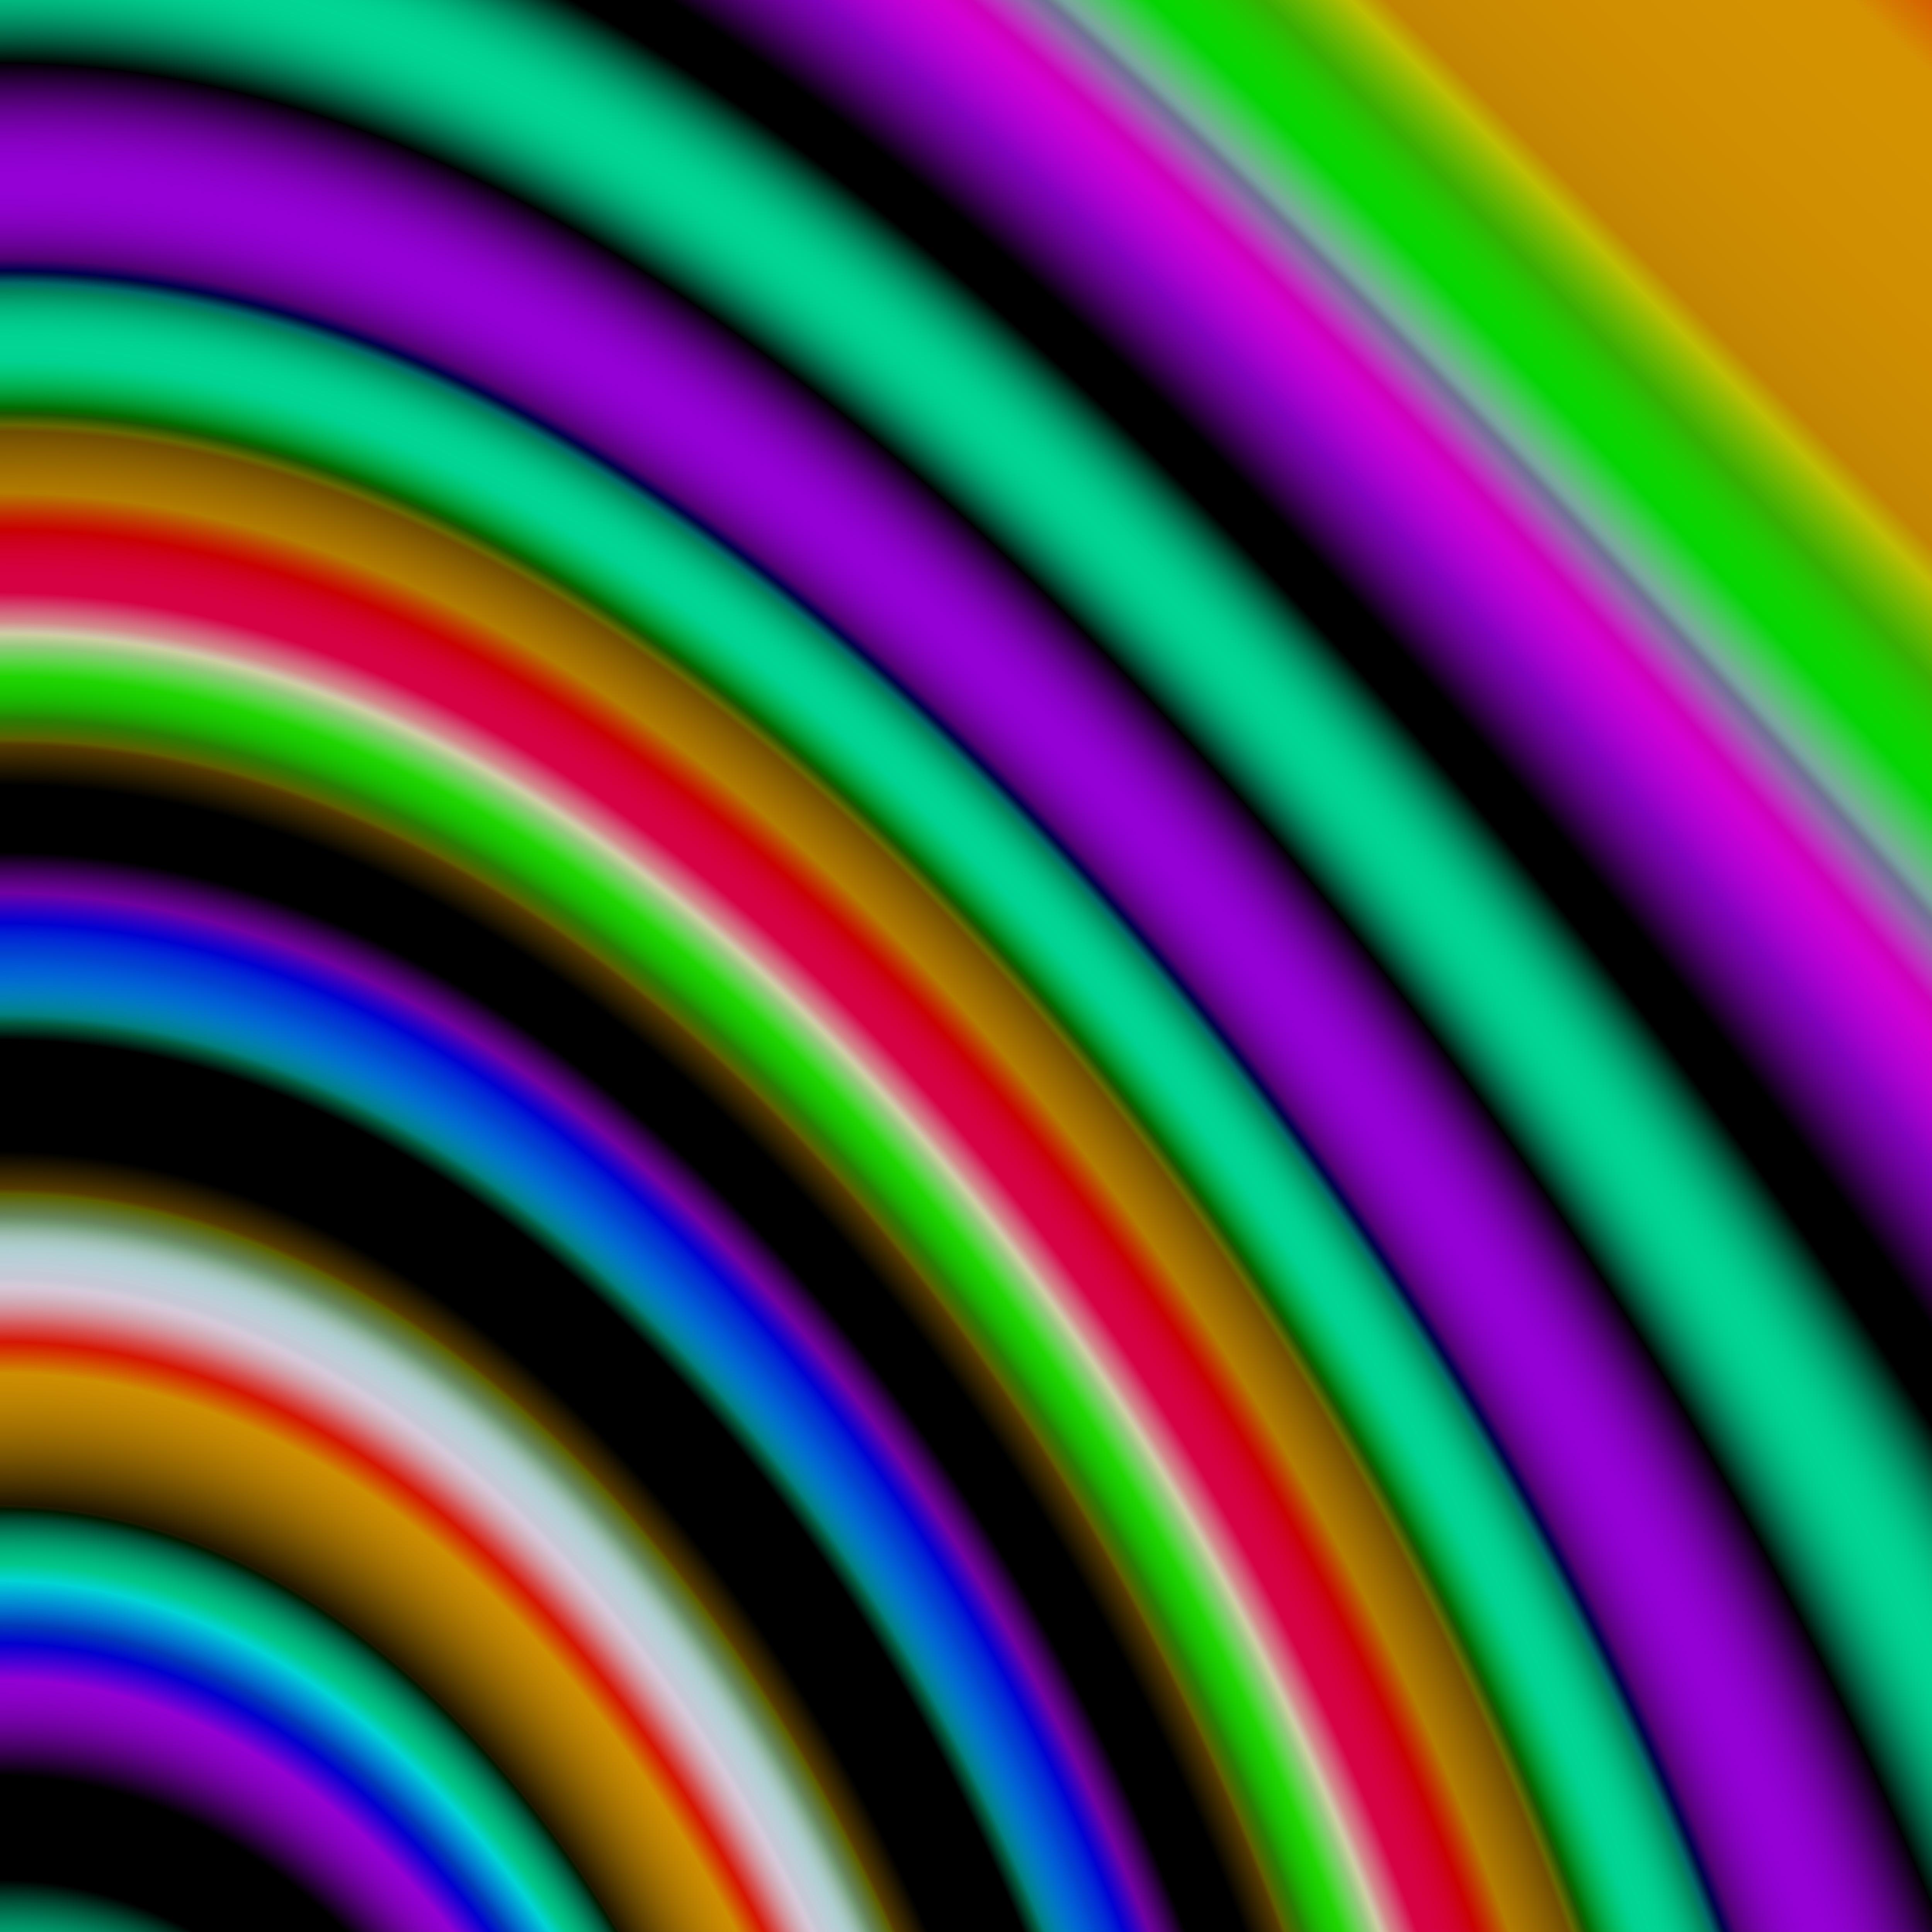 55178 papel de parede 320x480 em seu telefone gratuitamente, baixe imagens Abstrato, Multicolorido, Motley, Embaçamento, Liso, Listras, Estrias 320x480 em seu celular